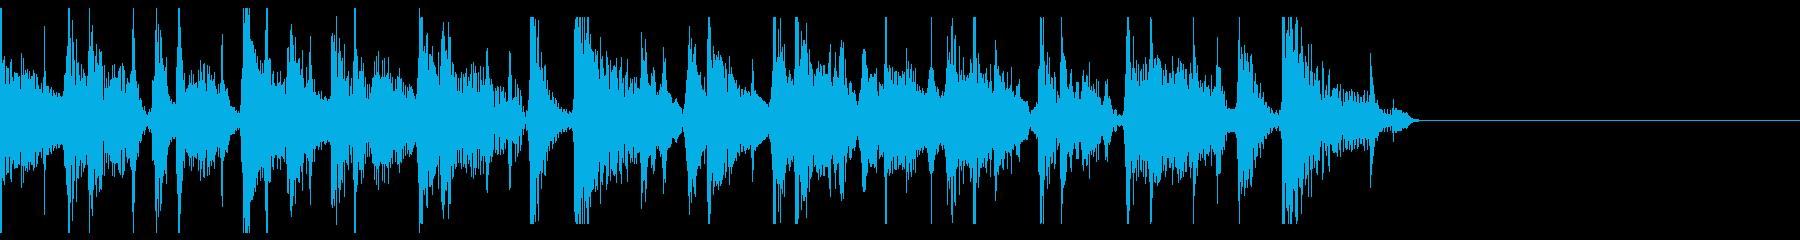 ボサノヴァなジングルの再生済みの波形